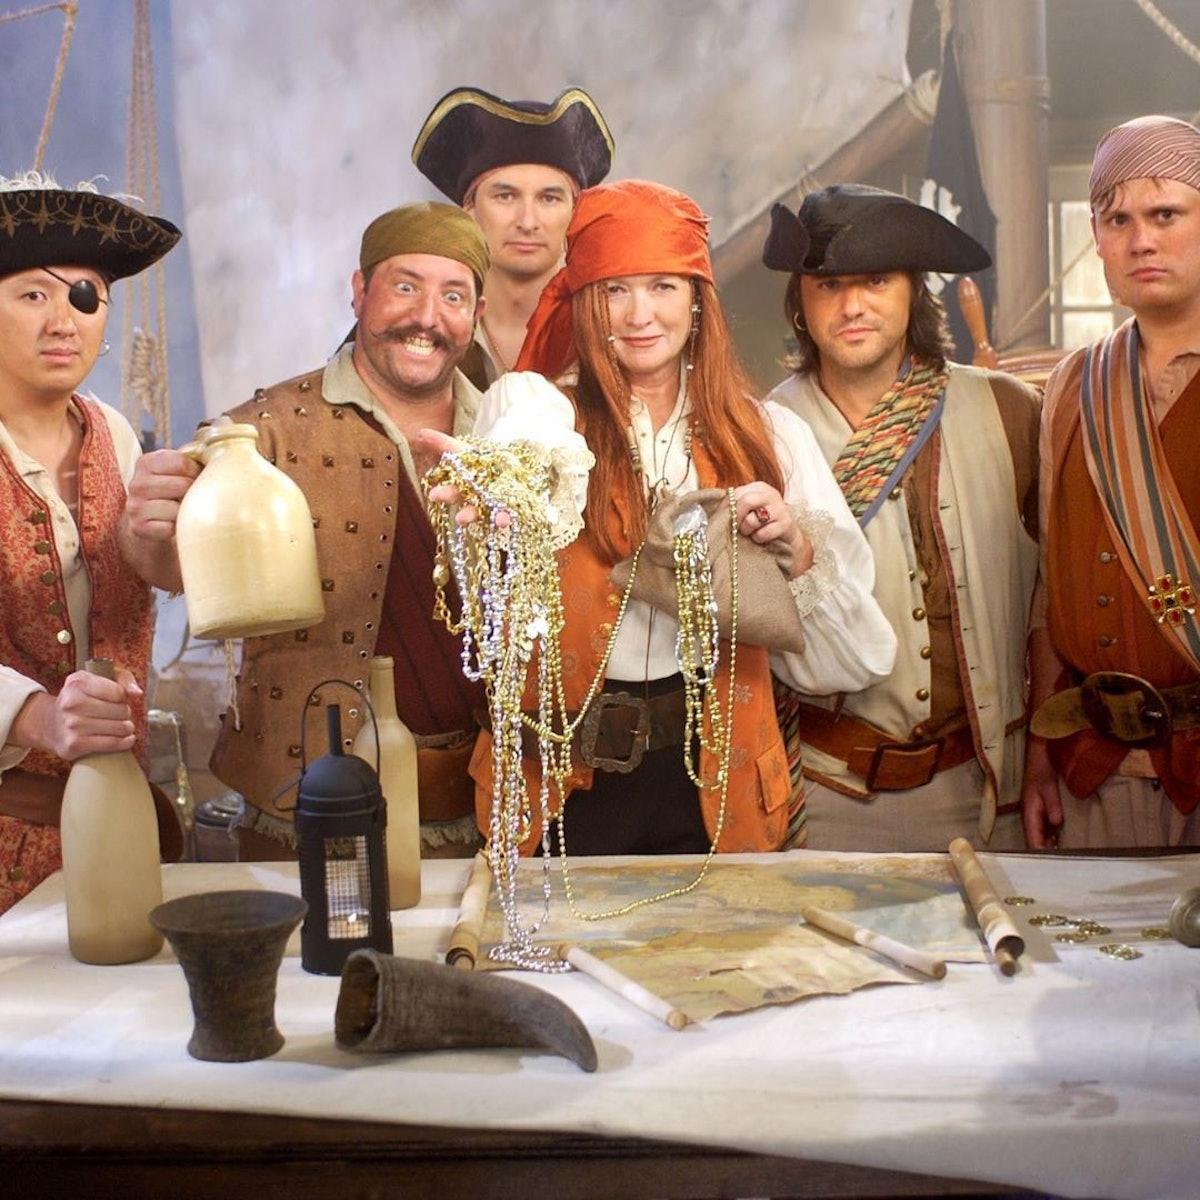 martha-stewart-halloween-pirate.jpg